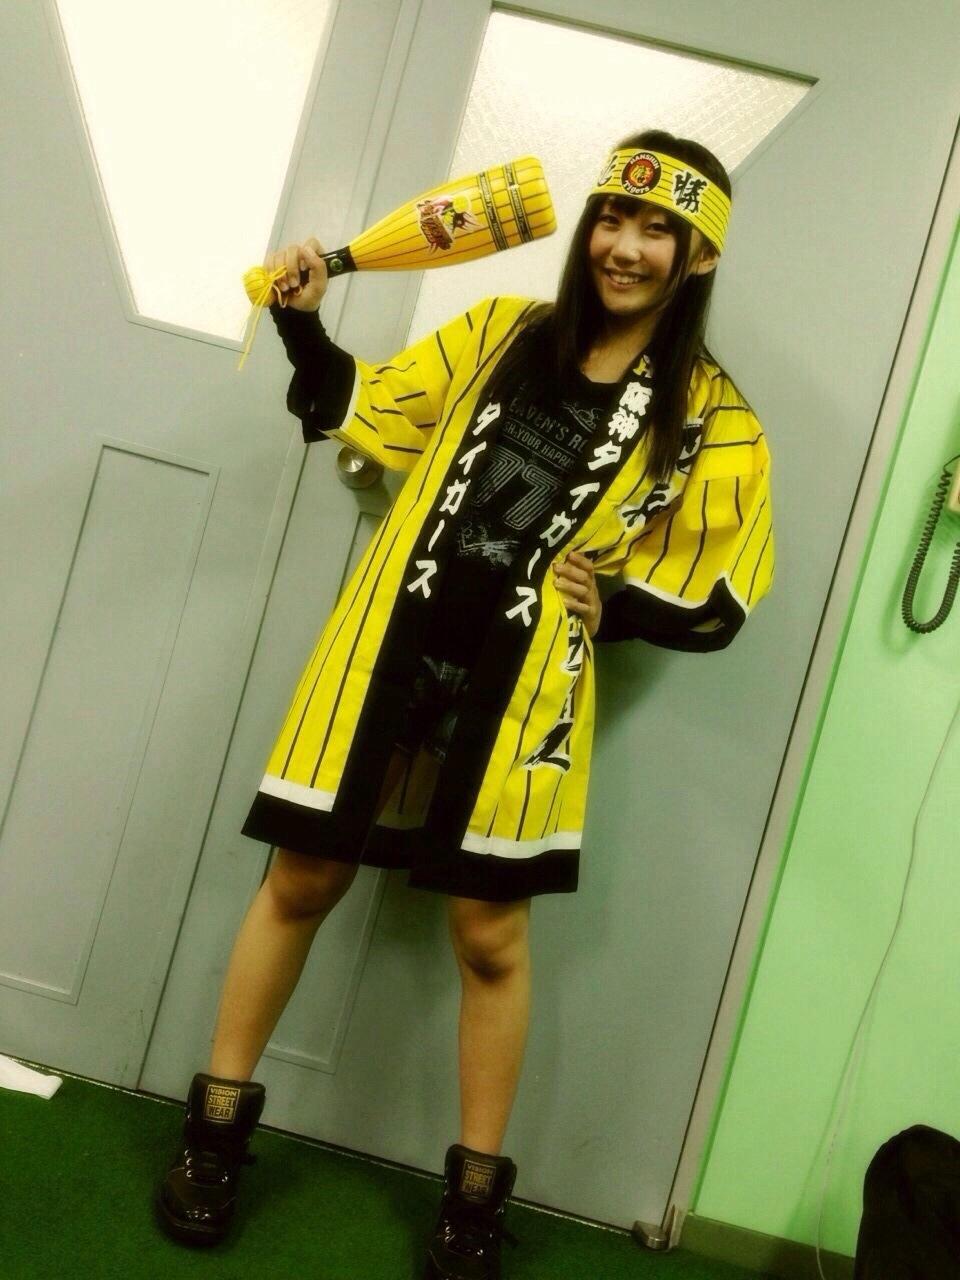 NMB48薮下柊ちゃんのプルンプルンすぎるおっぱいのエロGIF画像18